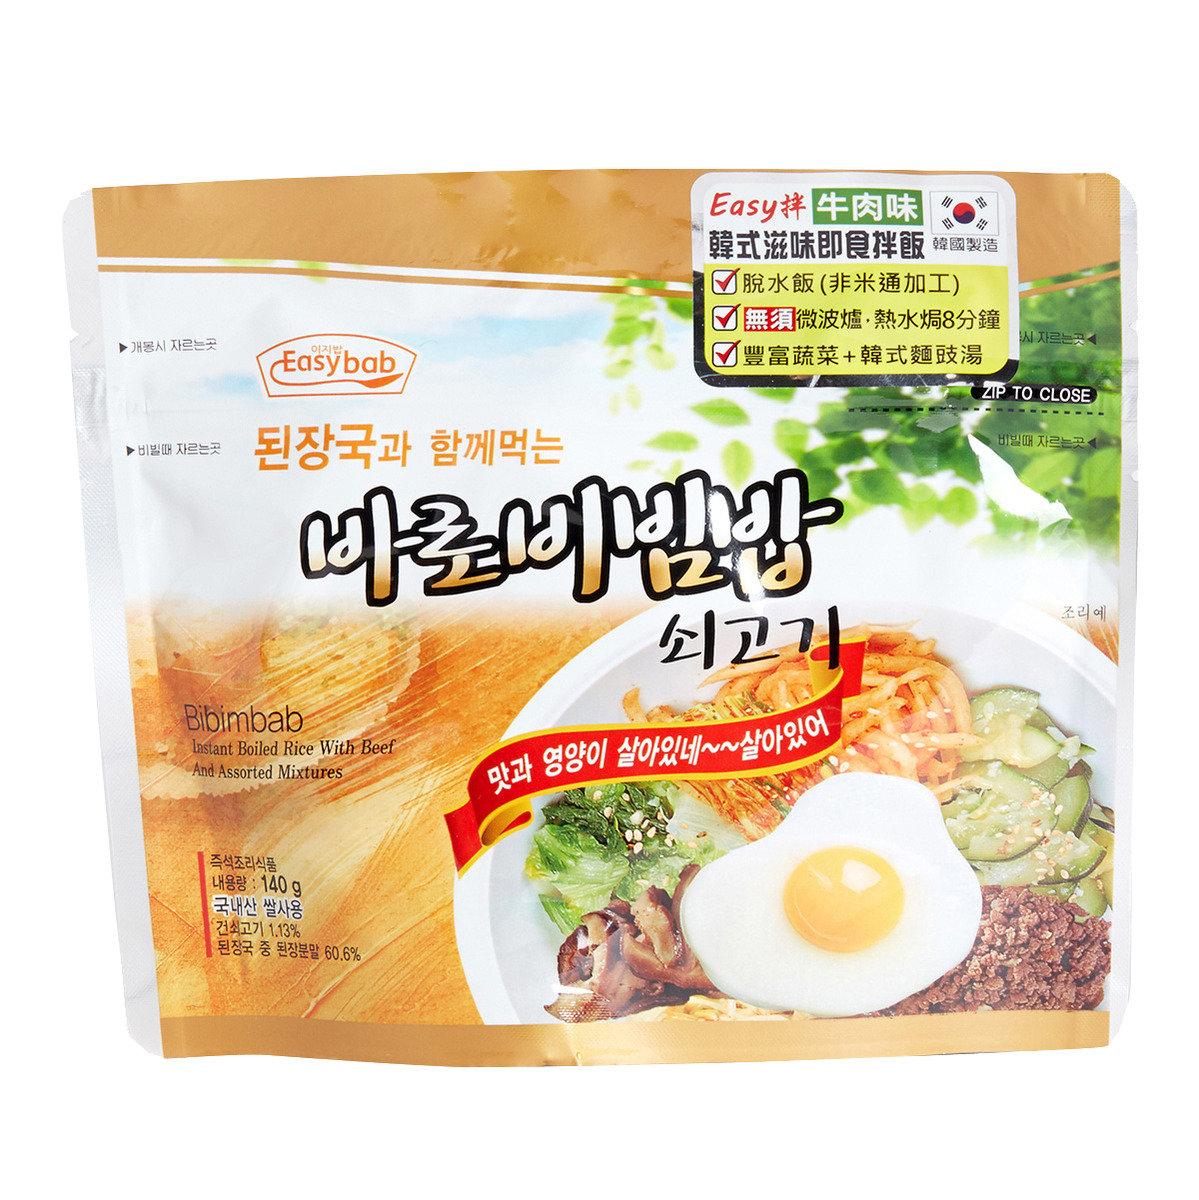 韓式滋味即食拌飯 (附設韓式麵豉湯) - 牛肉味